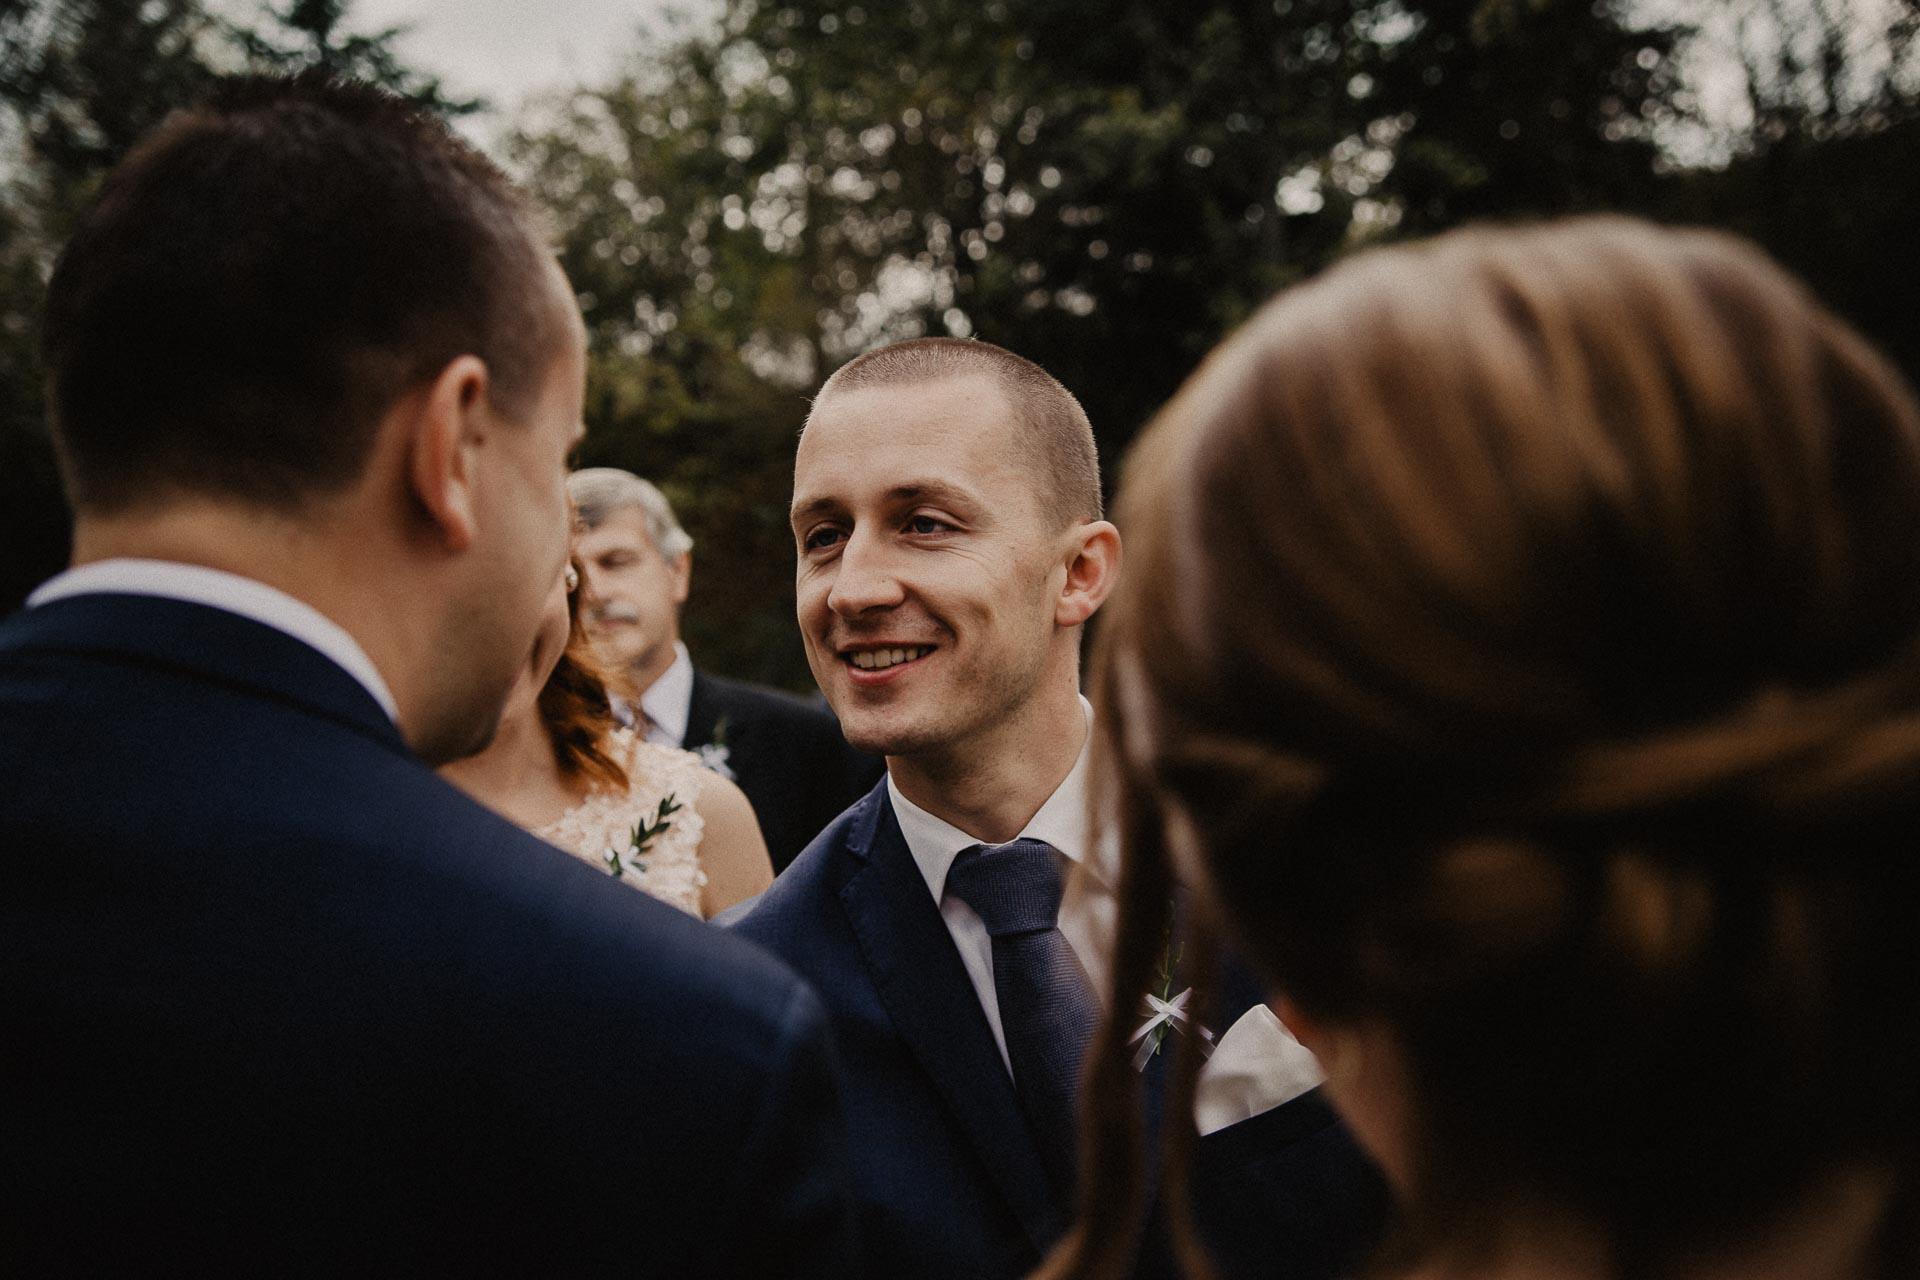 svatební-fotograf-resort-Svět-Užice-svatební-foto-Praha-fotograf-na-svatbu-1202